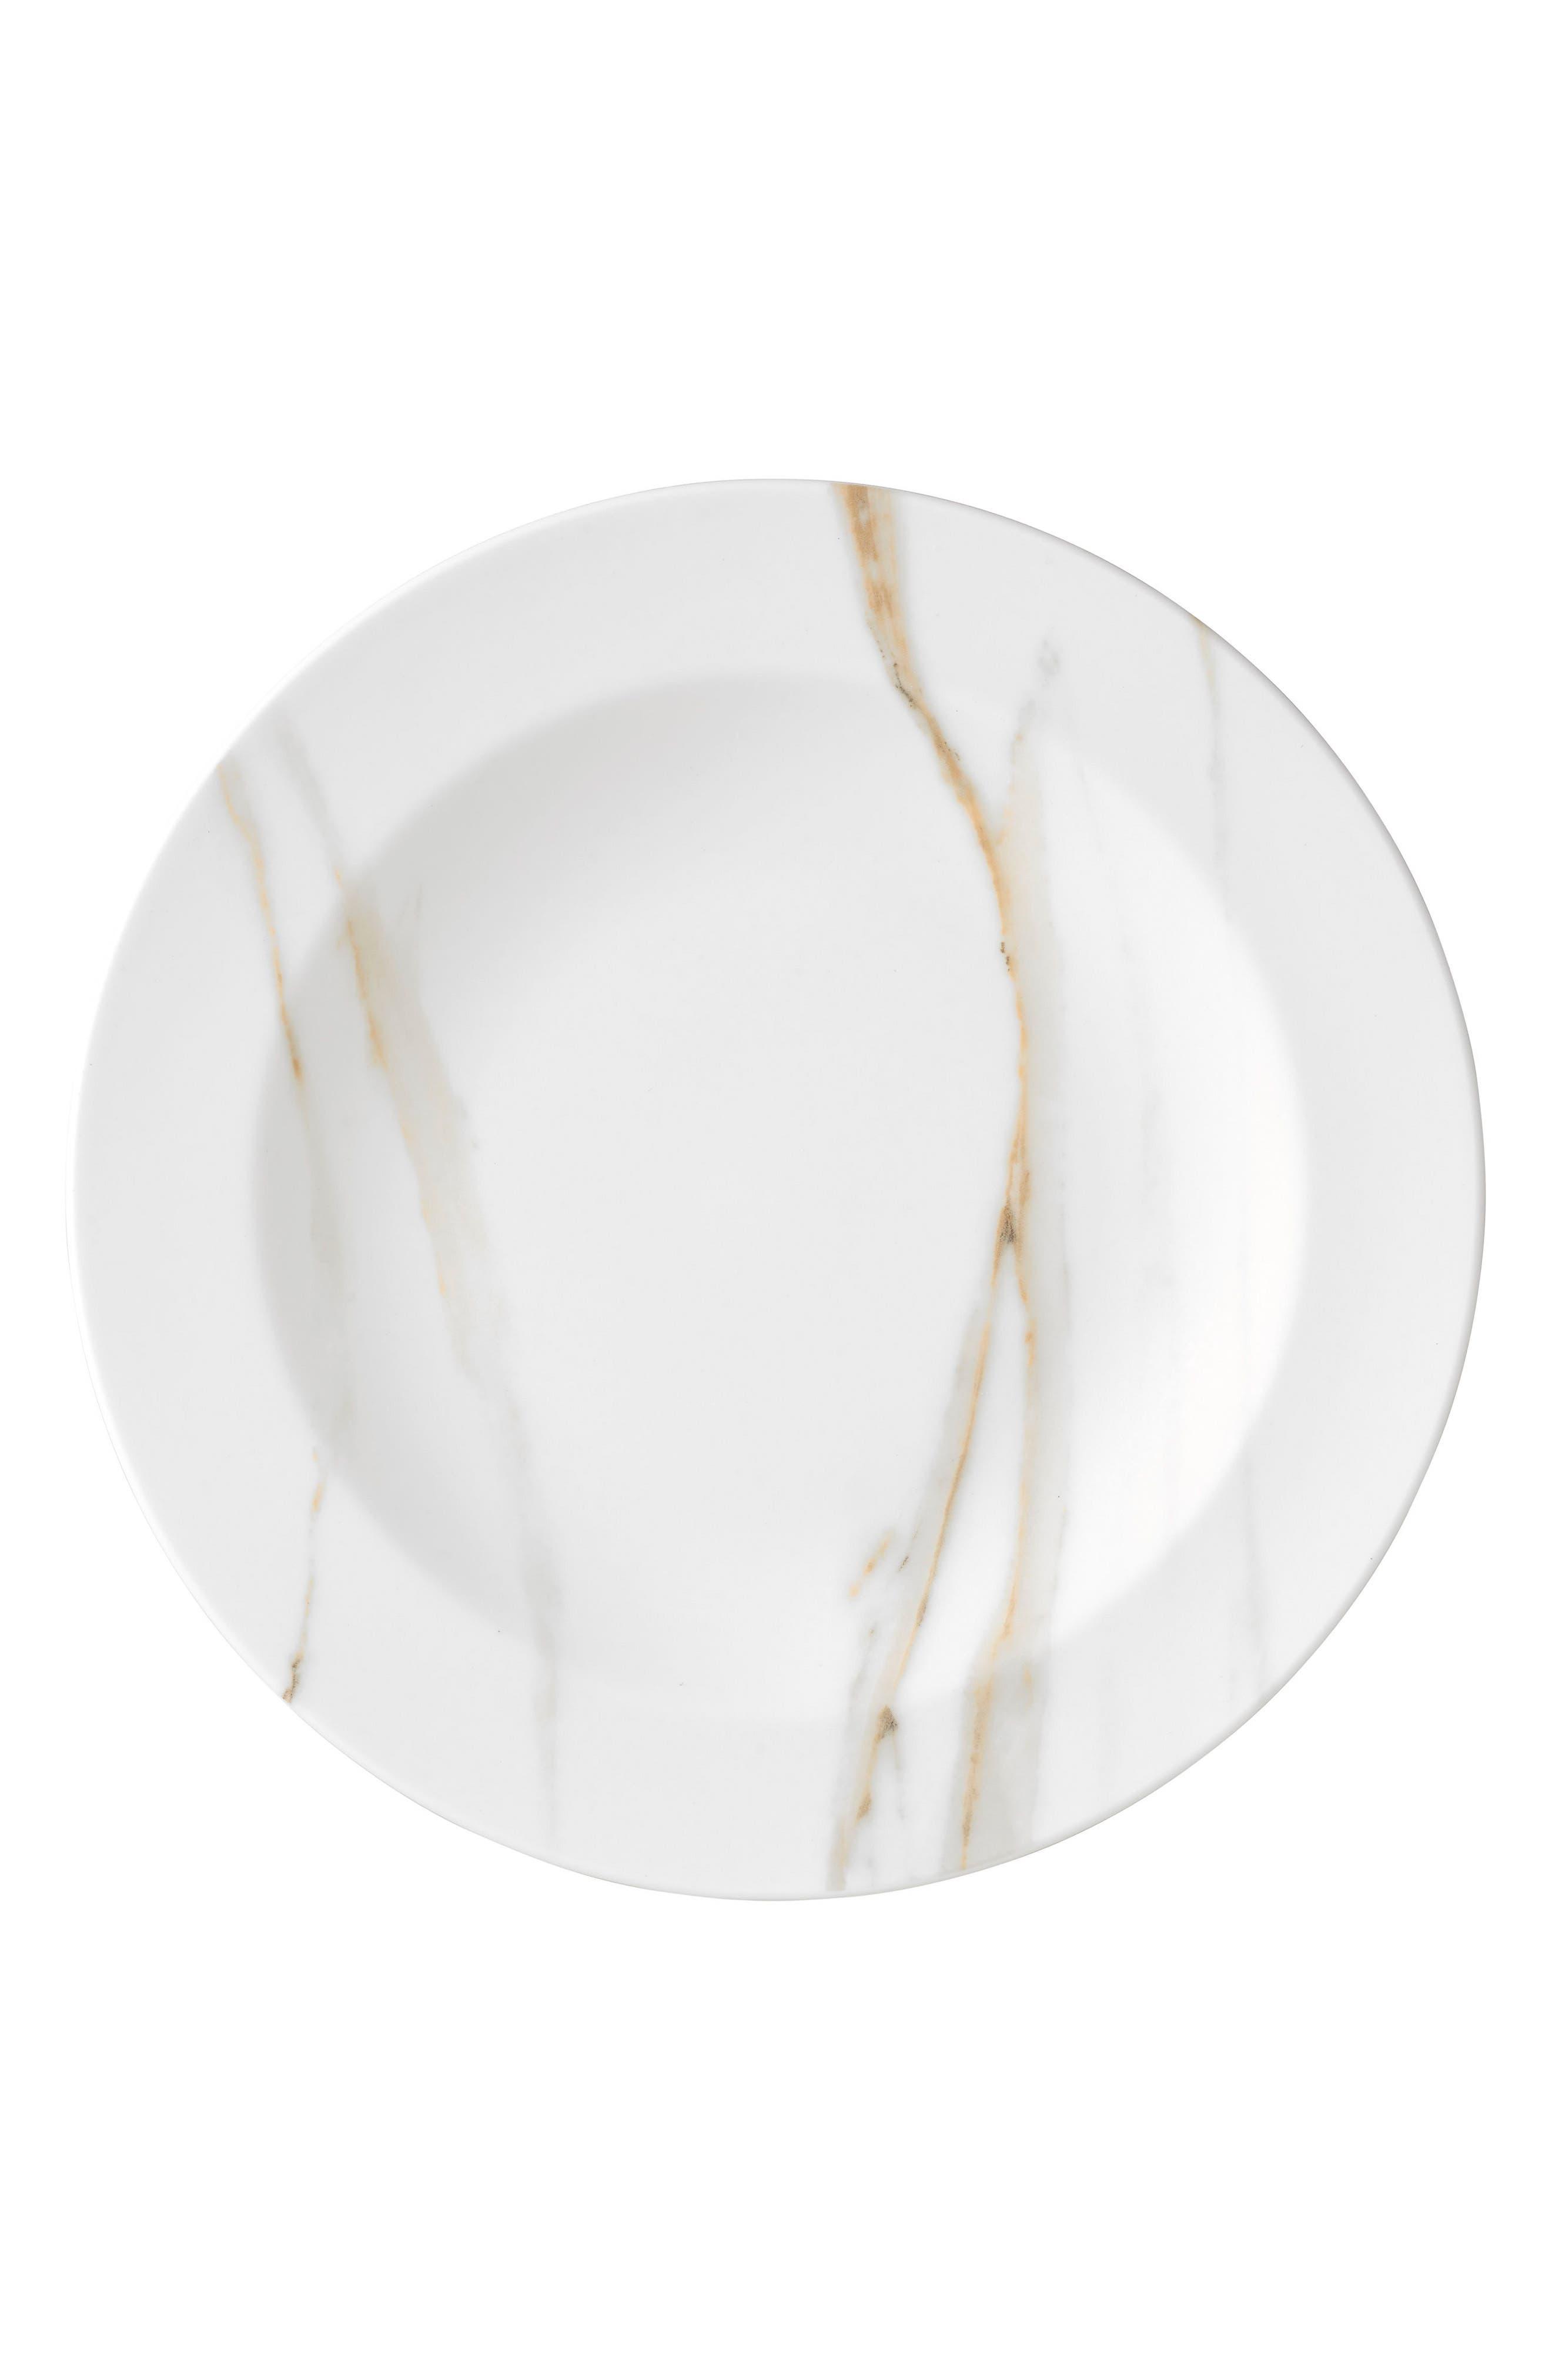 x Wedgwood Venato Imperial Rim Soup Bowl,                         Main,                         color, White